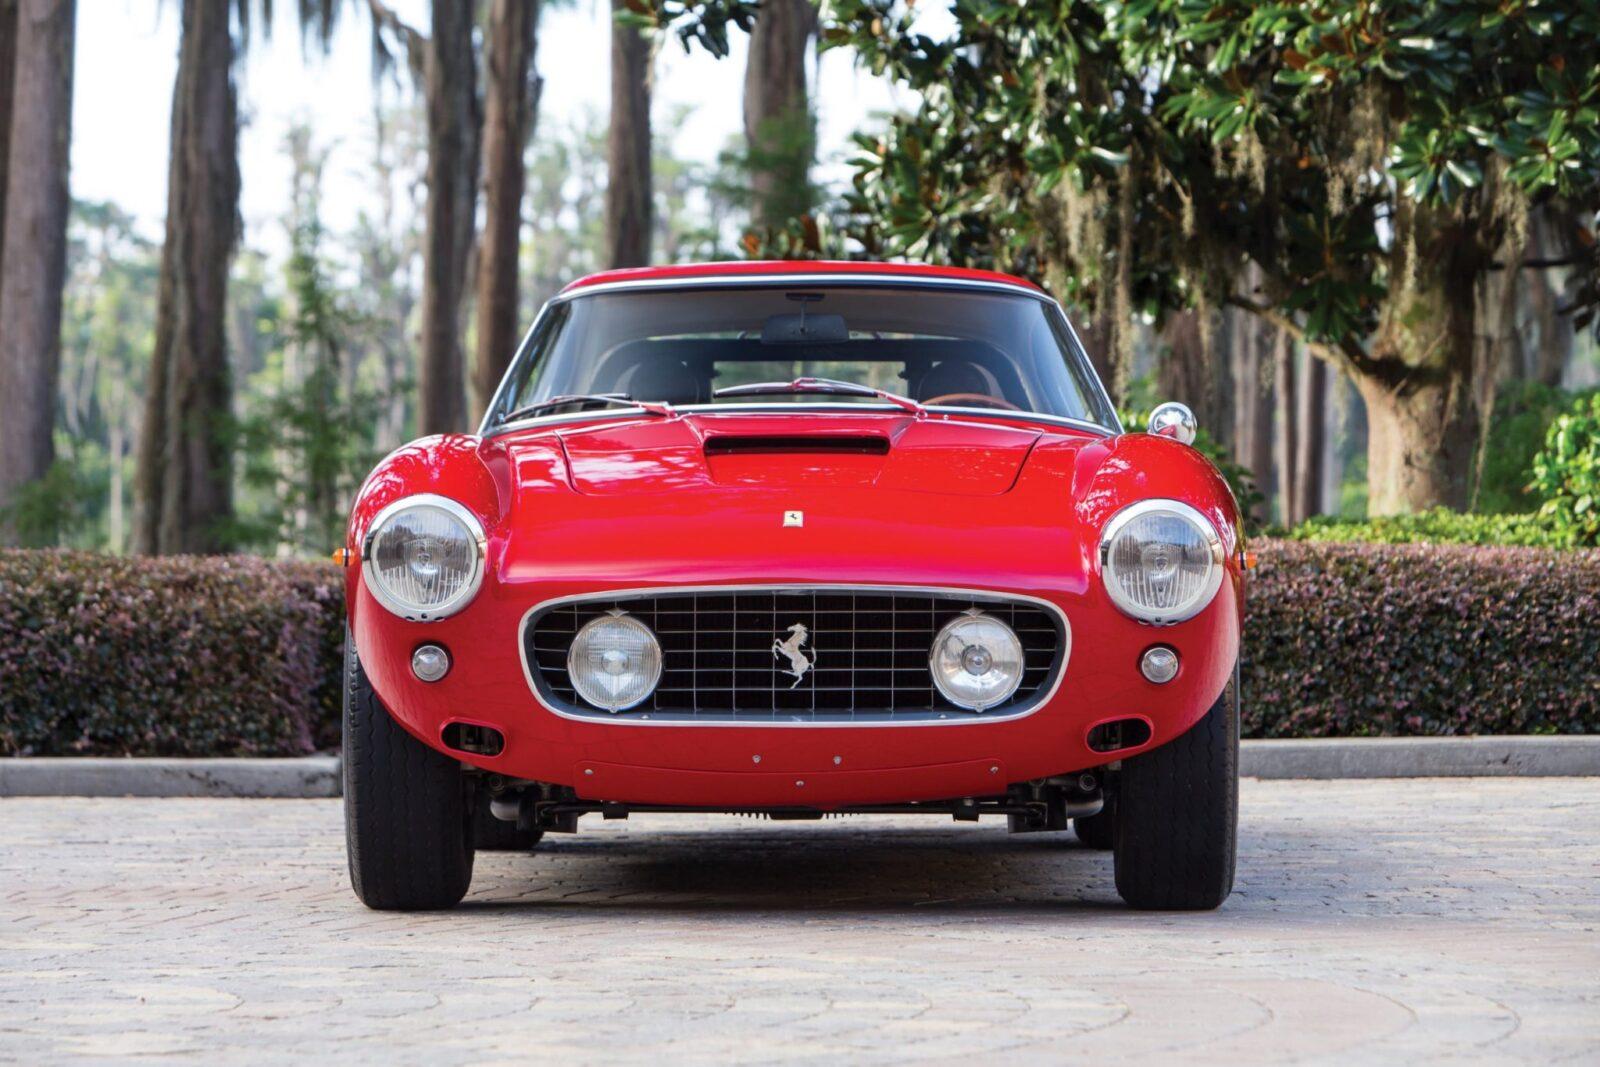 ferrari 250 gt swb car 10 1600x1067 - 1960 Ferrari 250 GT SWB Competizione